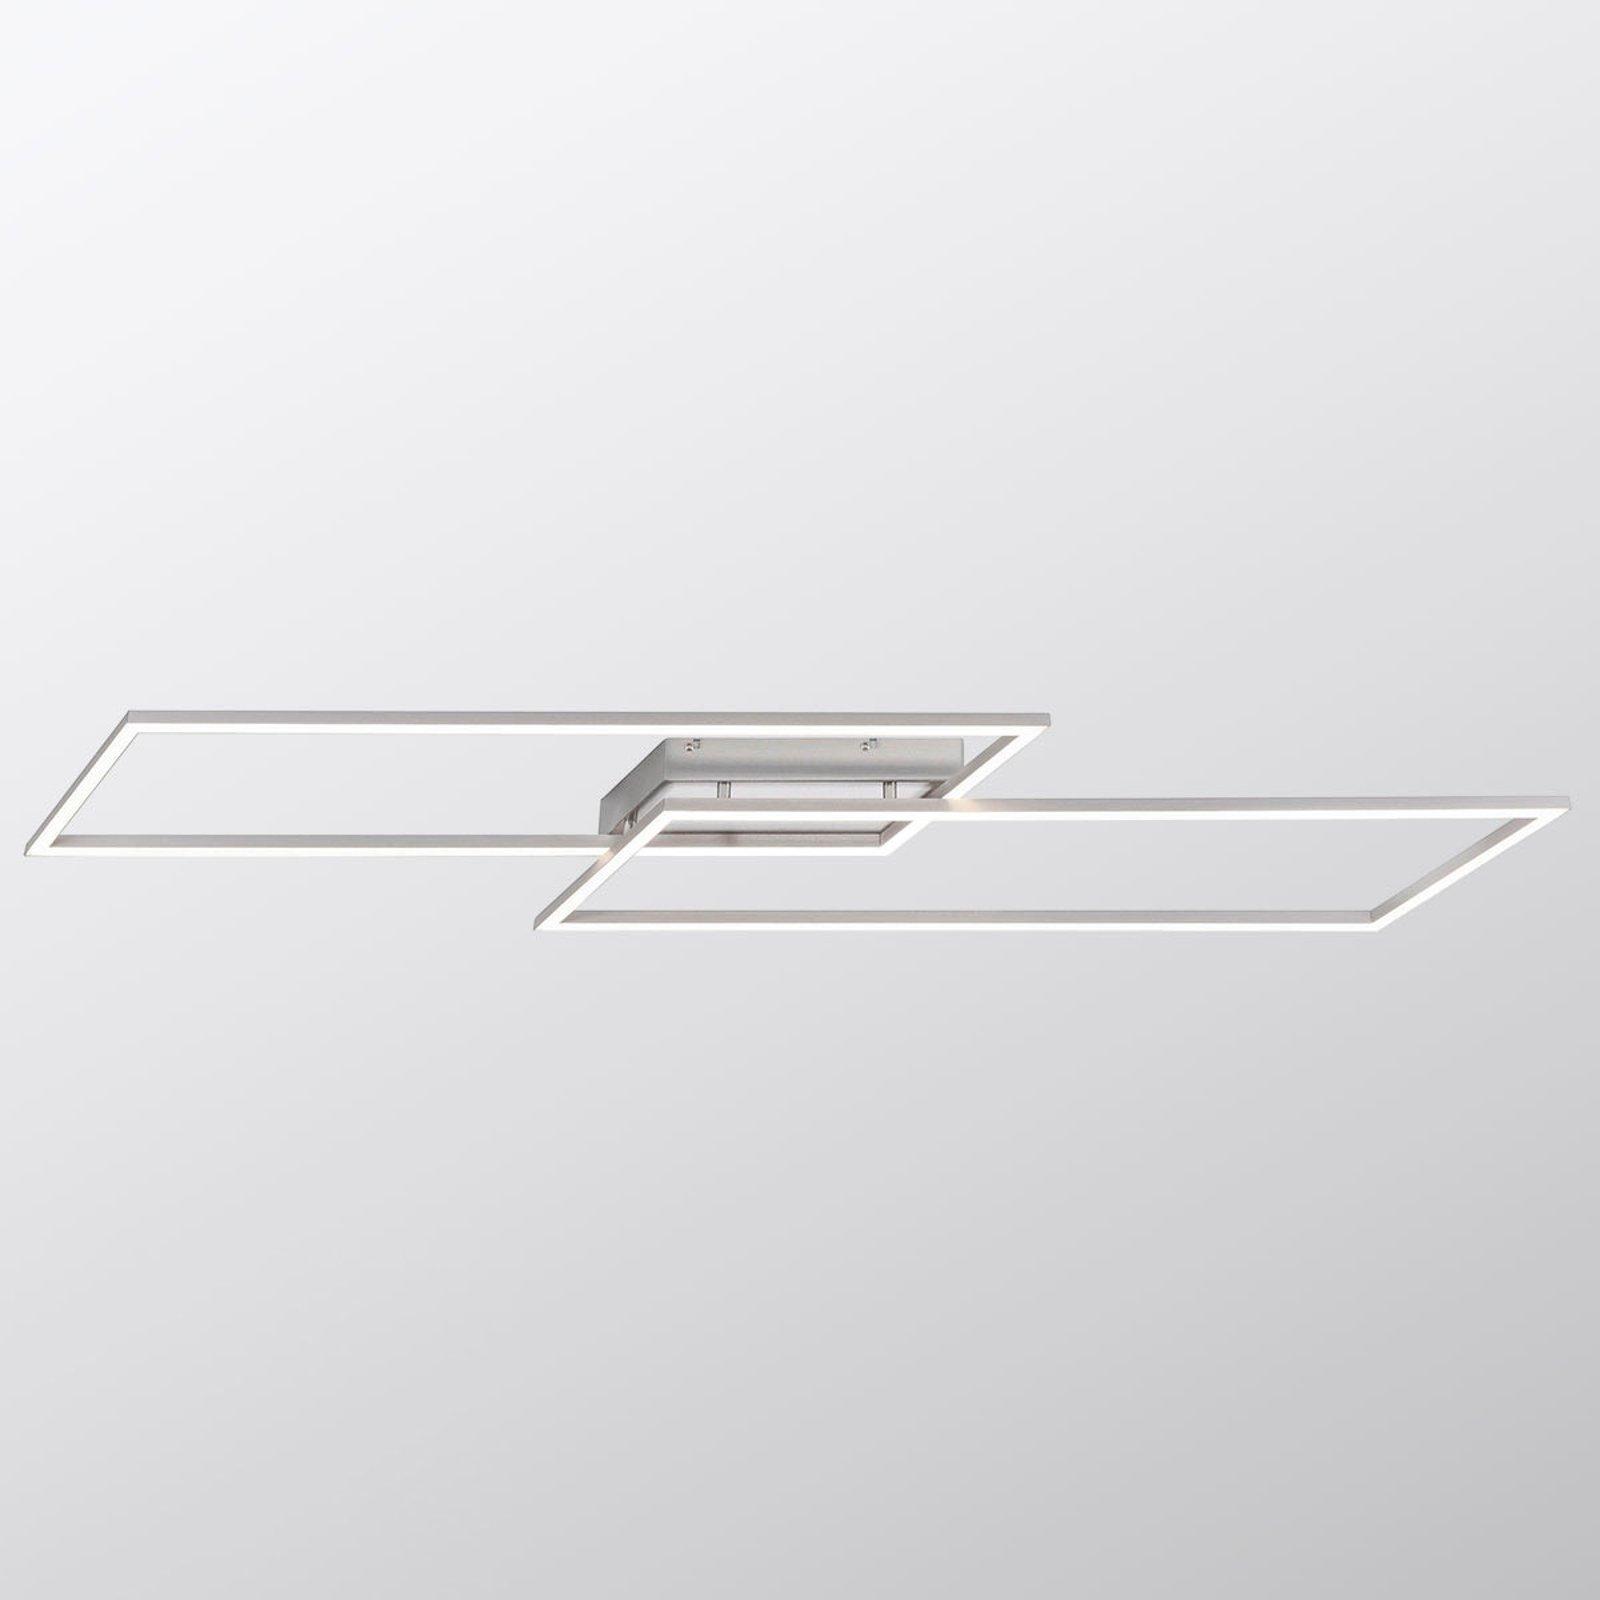 LED-taklampe Inigo med 2 lyskilder, lengde 113,2cm